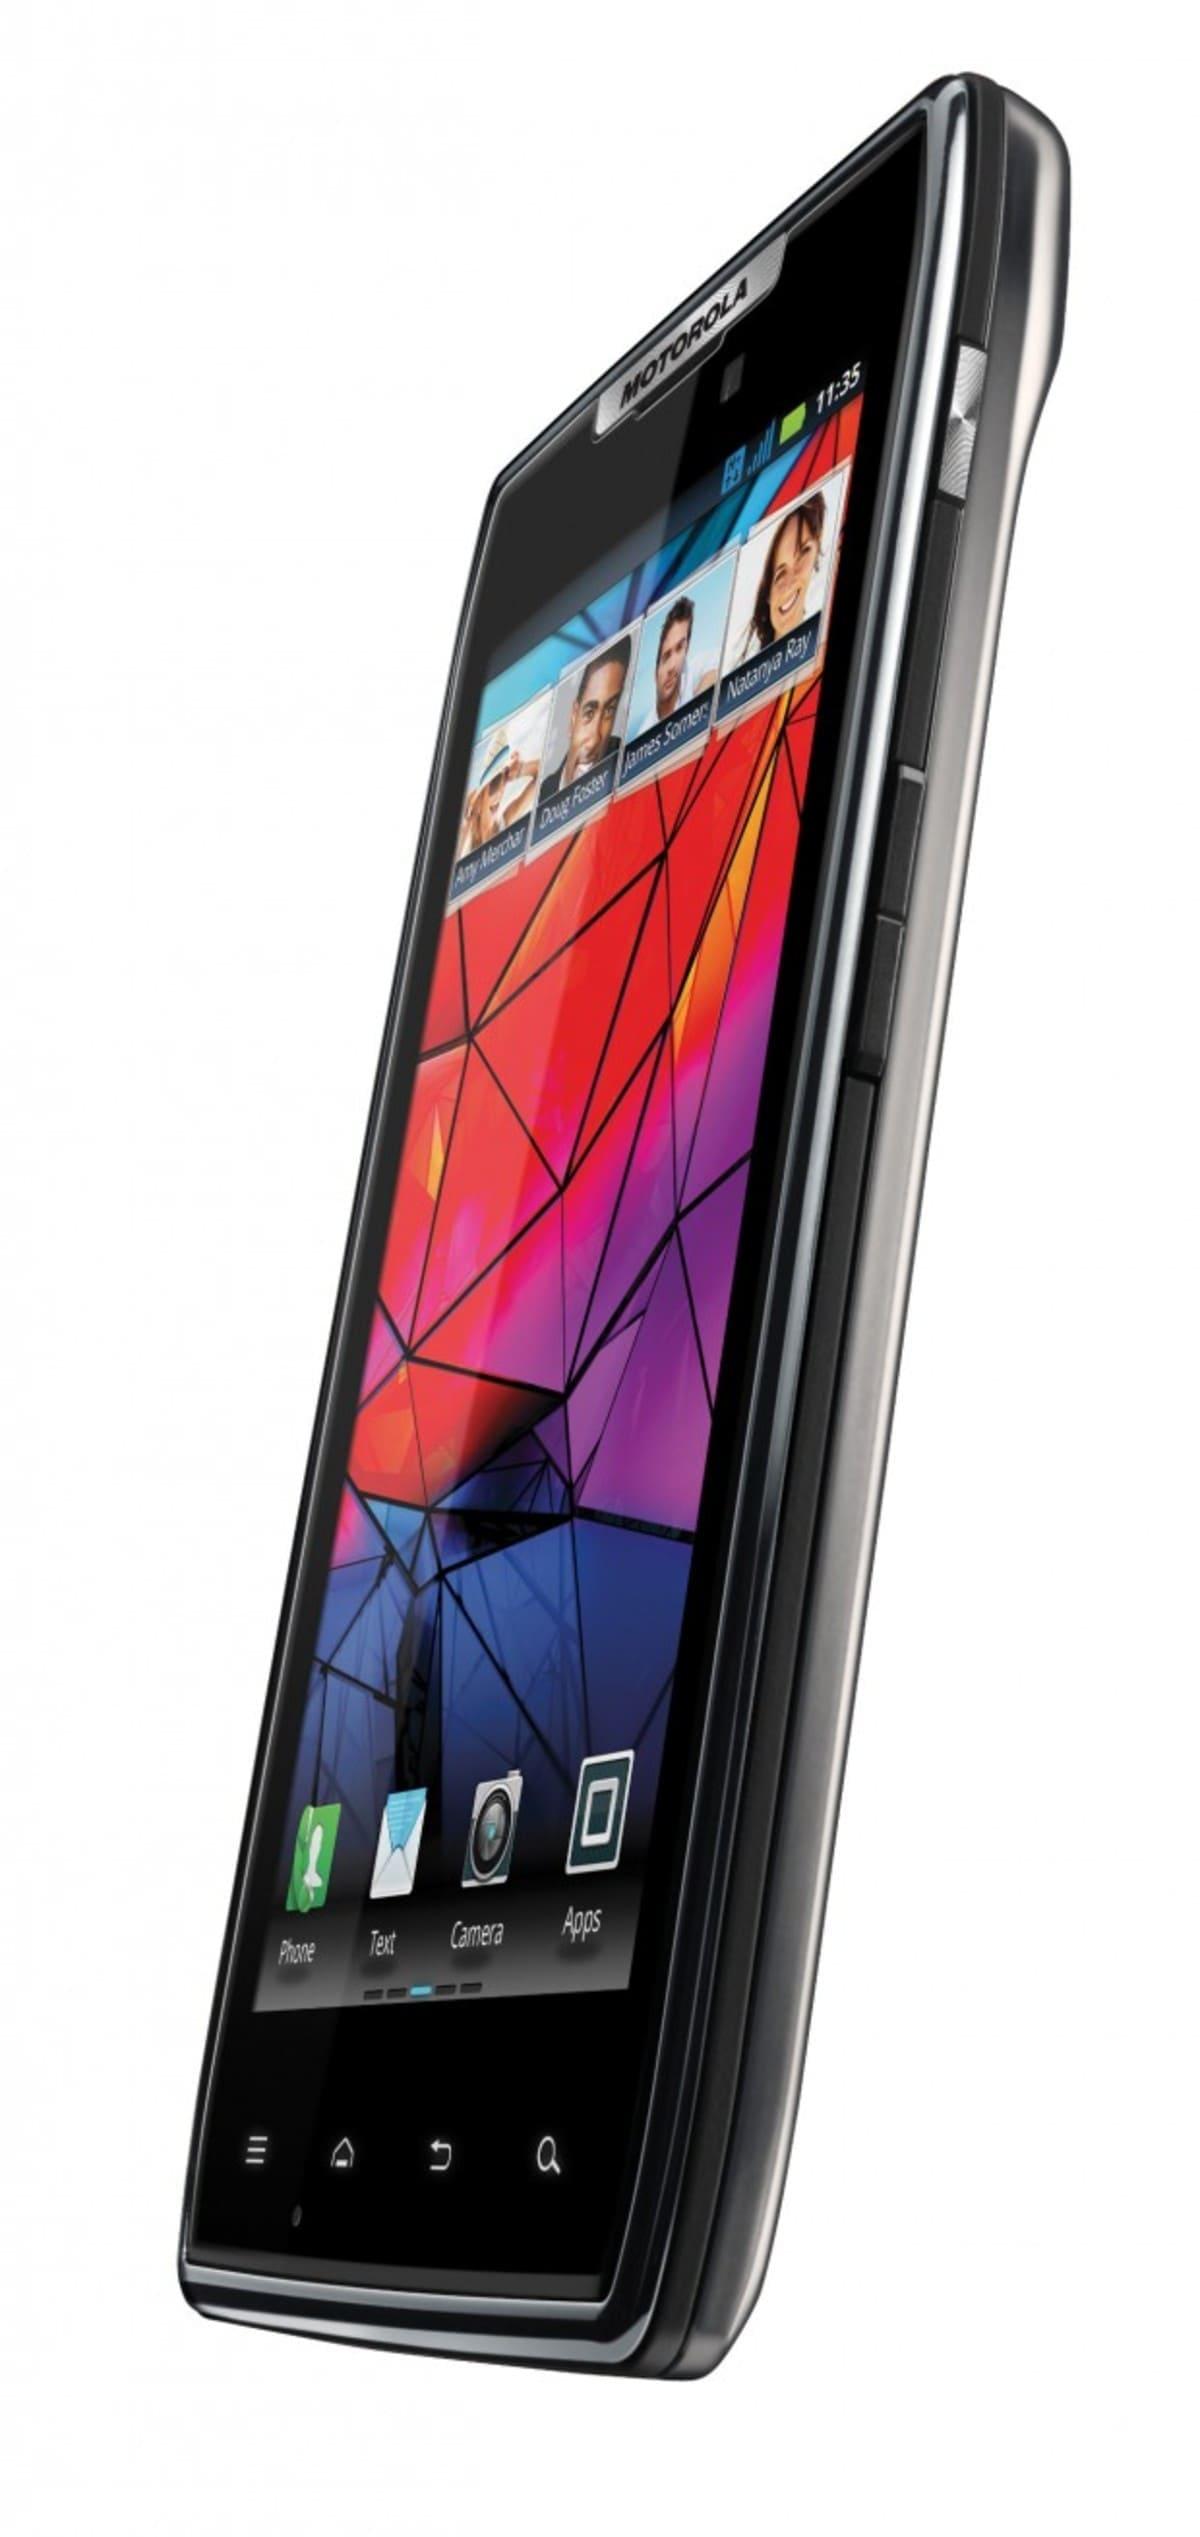 Motorola RAZR 4 e1318960891877 Motorola RAZR llega a España por 599 euros